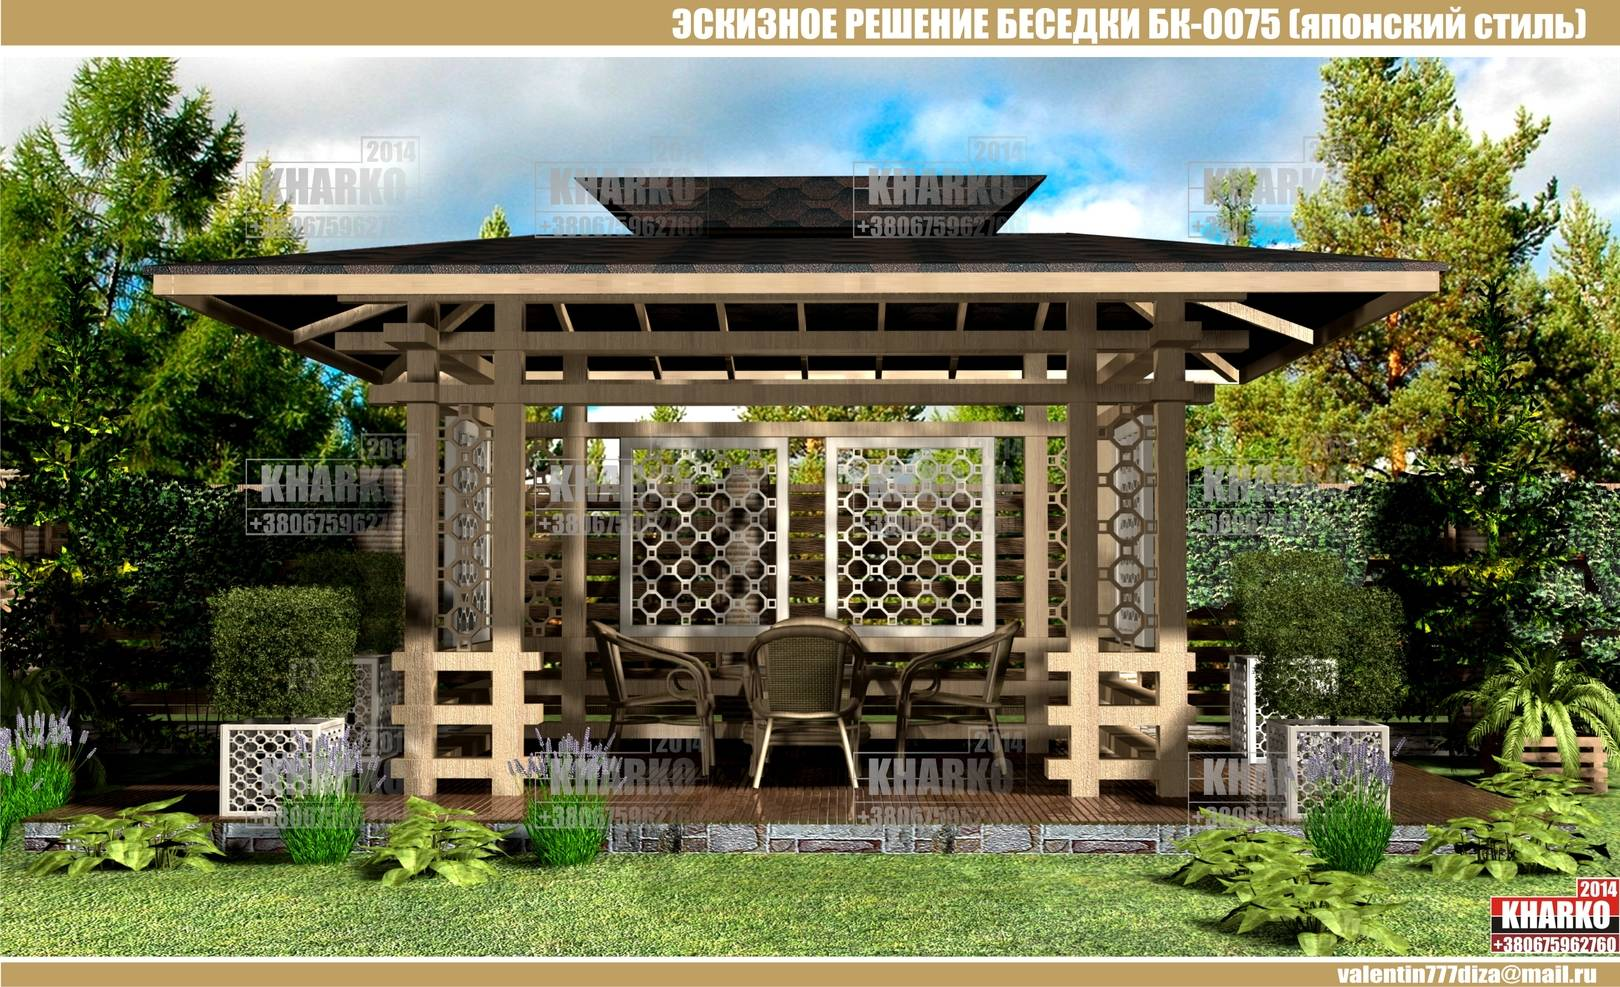 проект беседки БК-0075 (японский стиль), project pergola, gazebo, shed  общая площадь беседки- 16,5м. кв. эксплуатируемая площадь беседки- 15,2 м.кв. габаритные размеры -3,3 м. на 5 м. тип фундамента-монолитный ж/б материал наружной стены и бетон, кирпич, дерево тип кровли-мягкая кровля Наружная отделка цоколя -декоративный камень Стоимость проекта- 1700 грн.